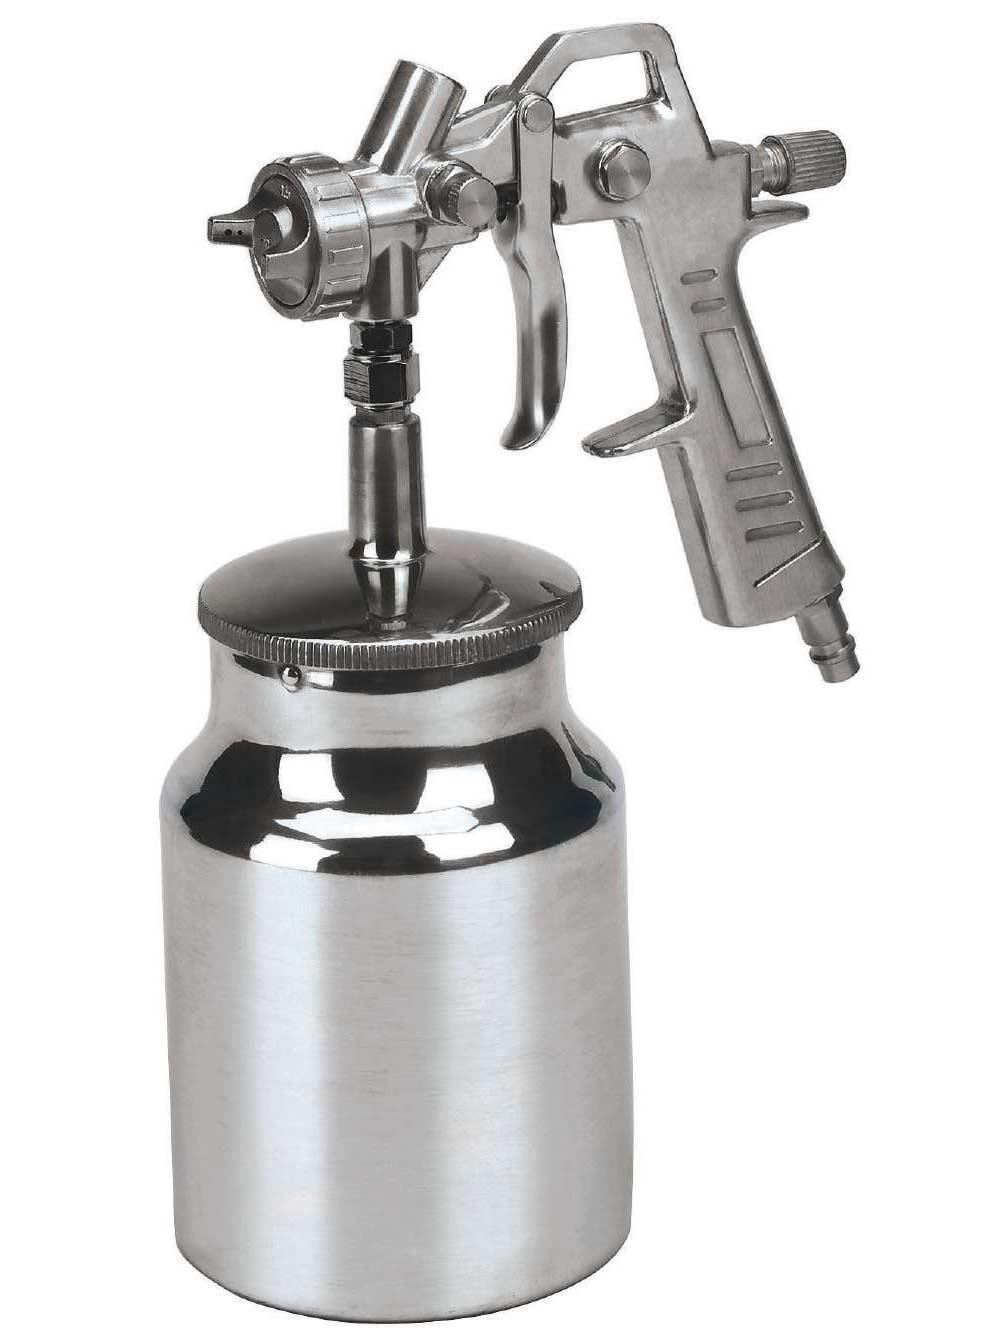 Einhell Farbspritzpistole mit Saugbecher 1 L / Zubehör Kompressor Bild 1